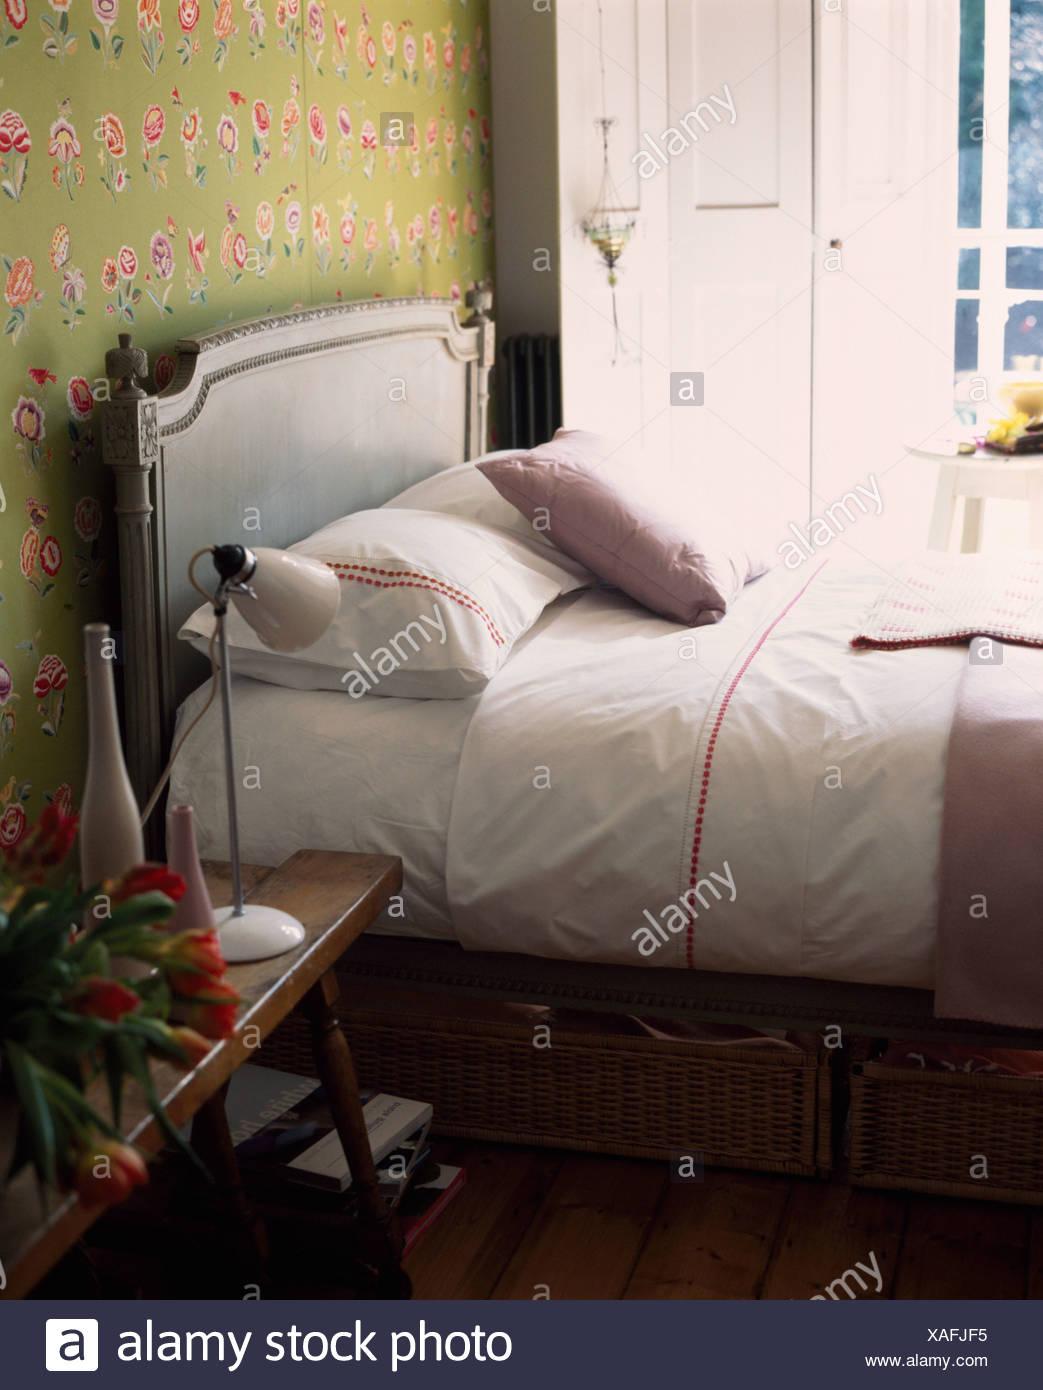 Weisse Bettwasche Kissen Und Laken Auf Grau Lackiert Bett Mit